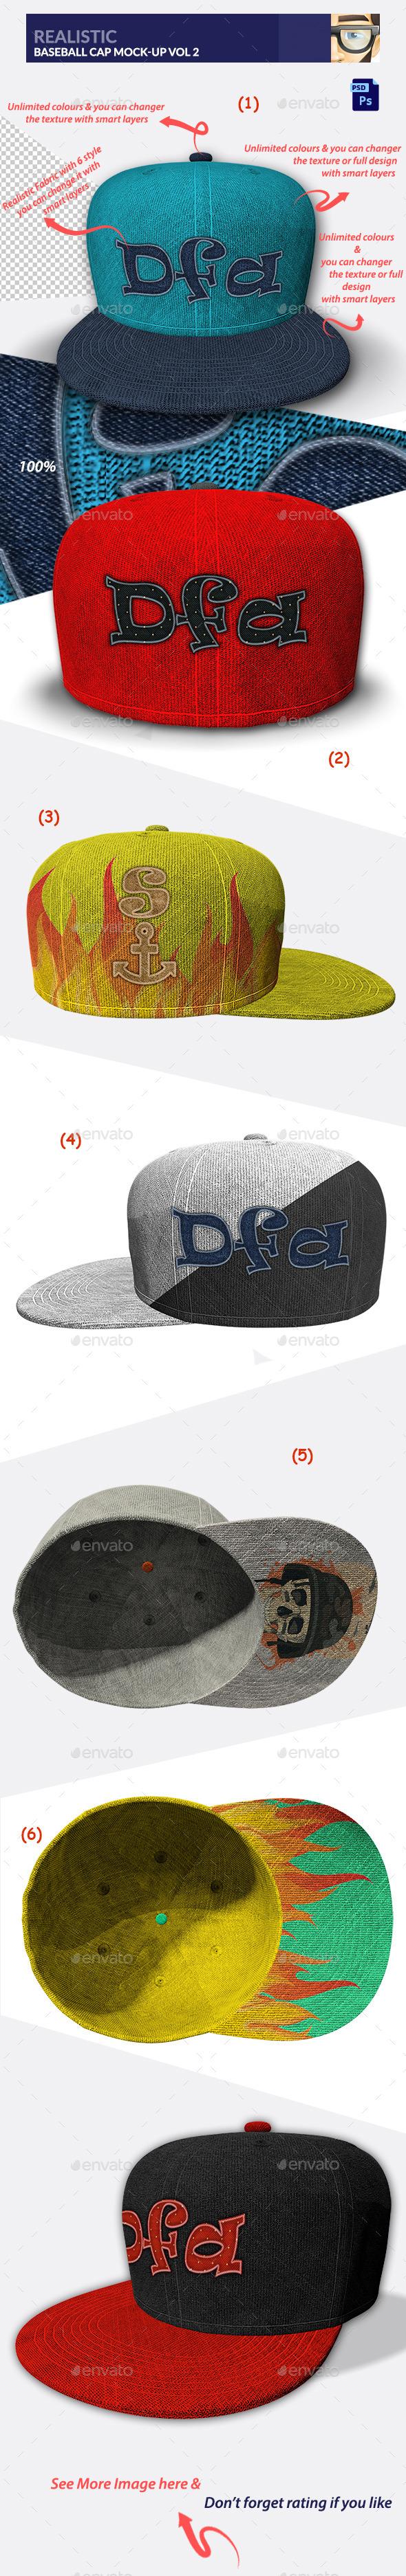 GraphicRiver Realistic Baseball Cap Mock-Up Vol 2 10399017